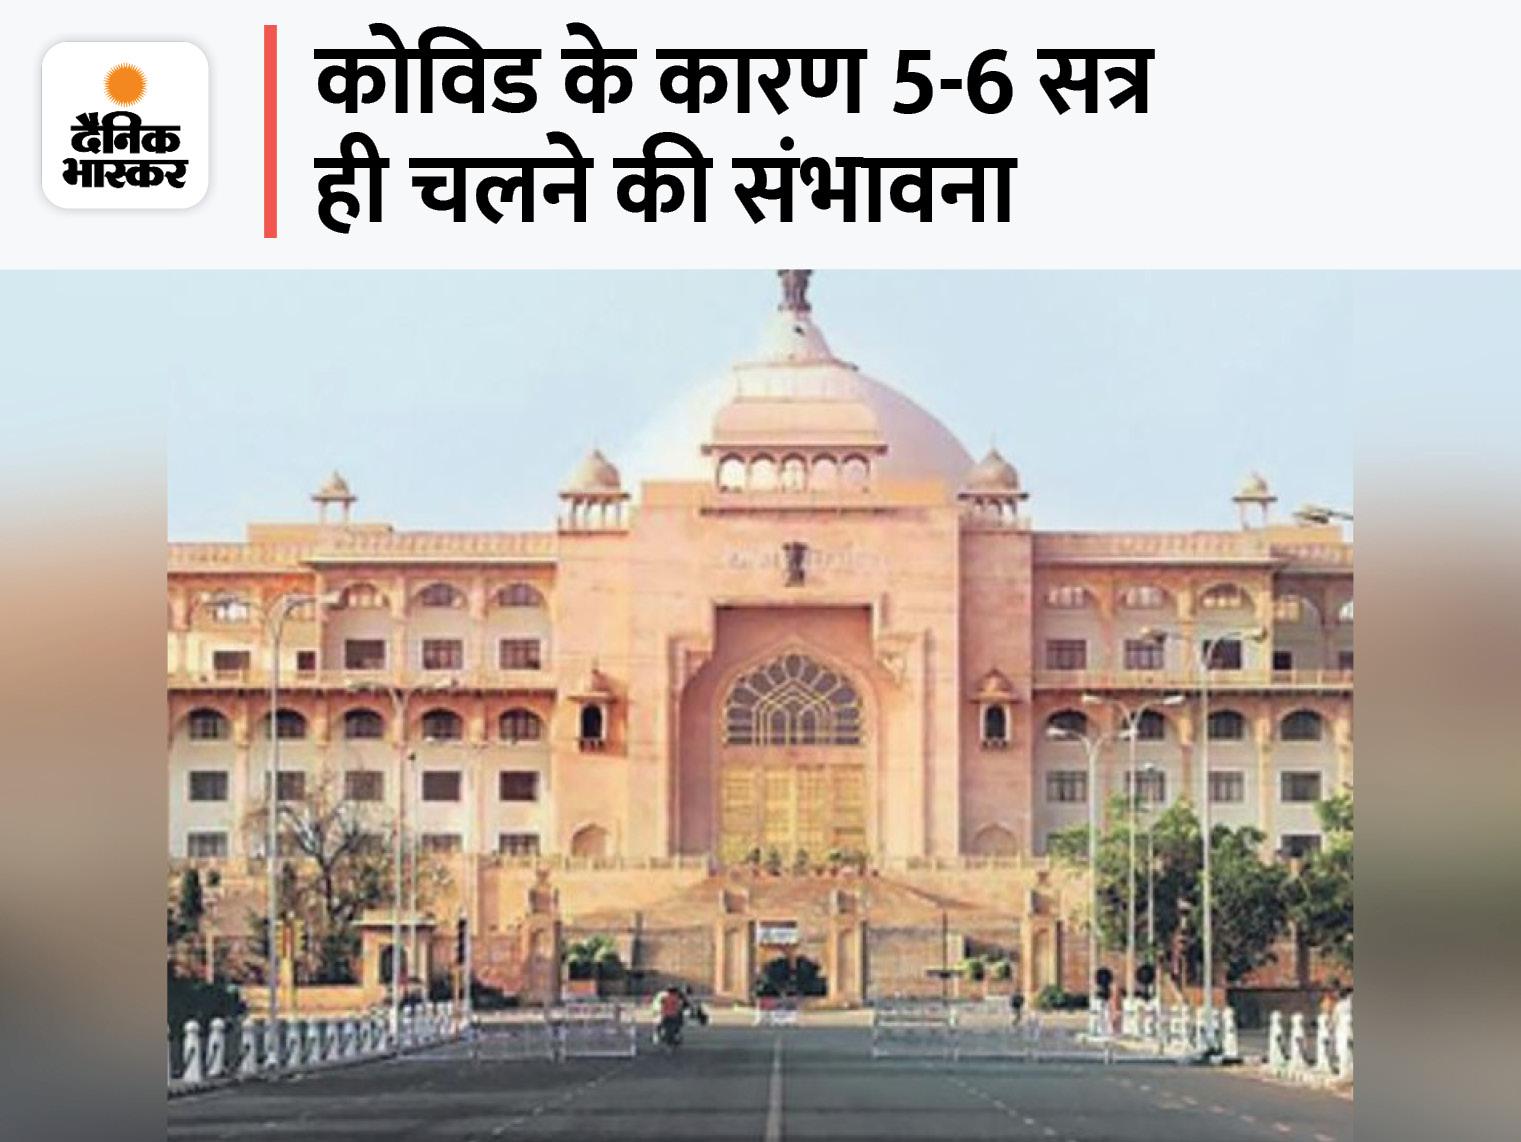 आधा दर्जन बिल पारित करवाने की तैयारी में गहलोत सरकार, जनहित के कई मुद्दों पर सरकार को घेरेगा विपक्ष जयपुर,Jaipur - Dainik Bhaskar